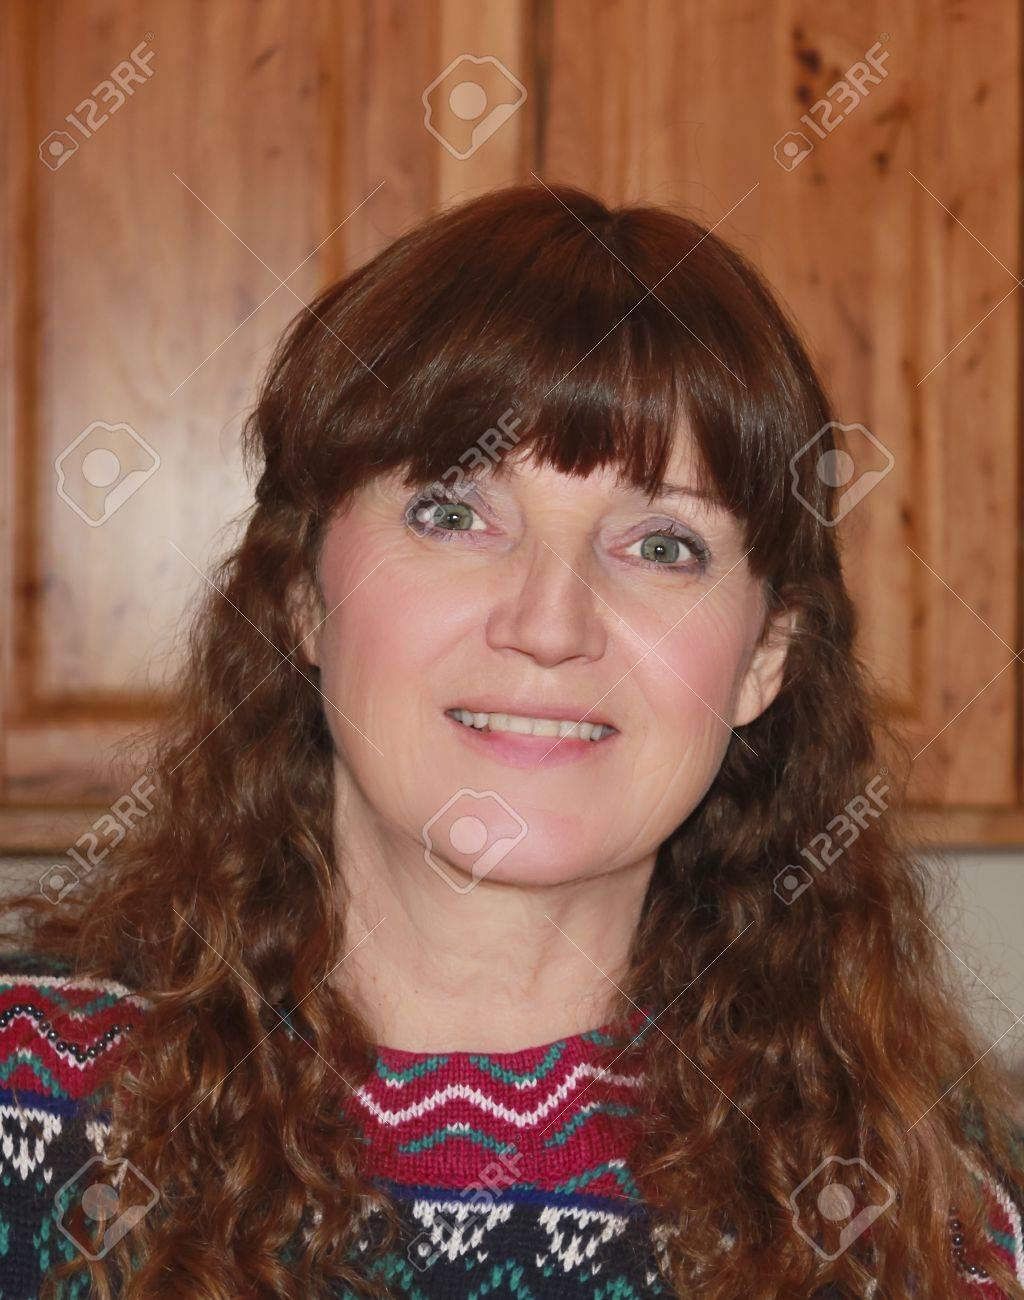 une belle femme aux cheveux auburn sourire dans un chandail coloré